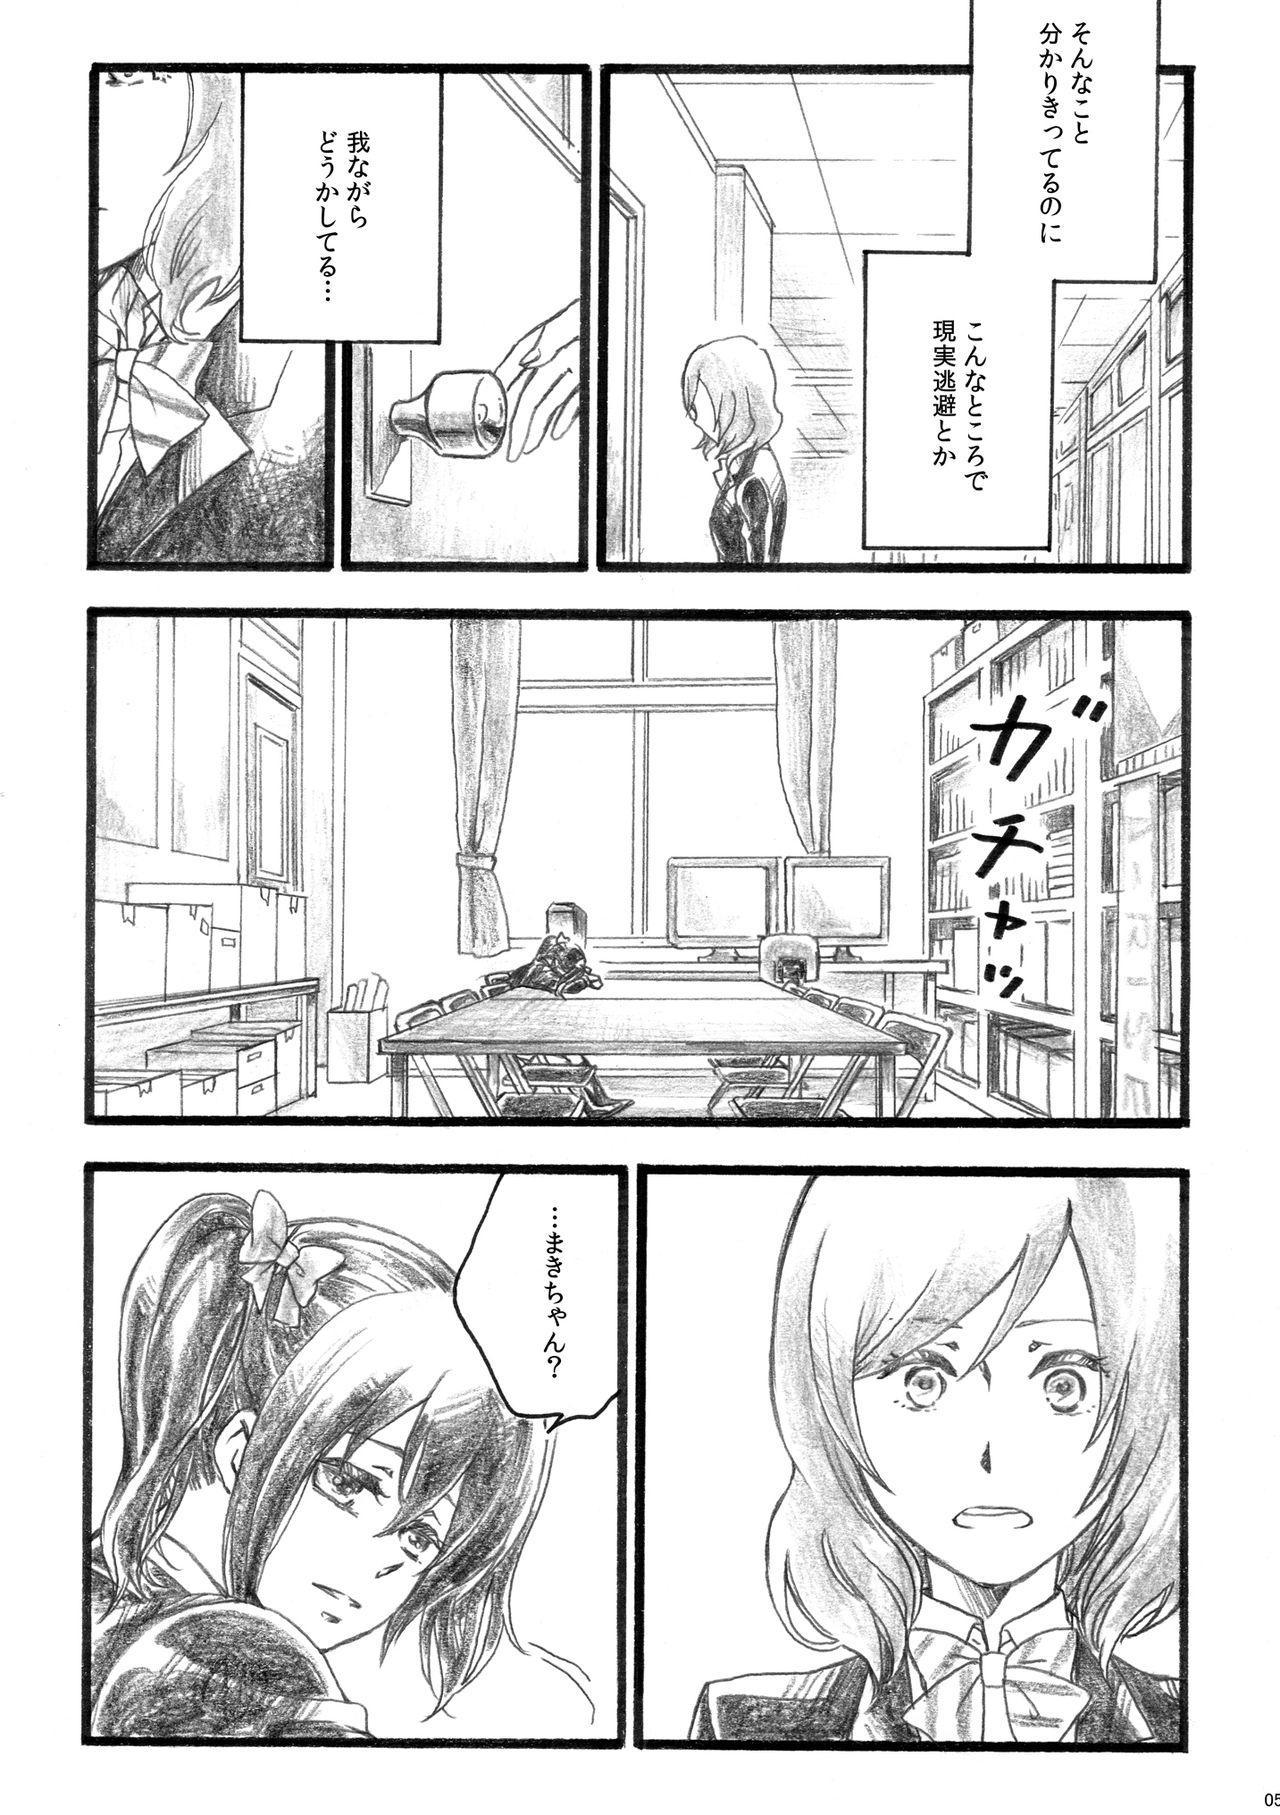 Sakura no ato 4